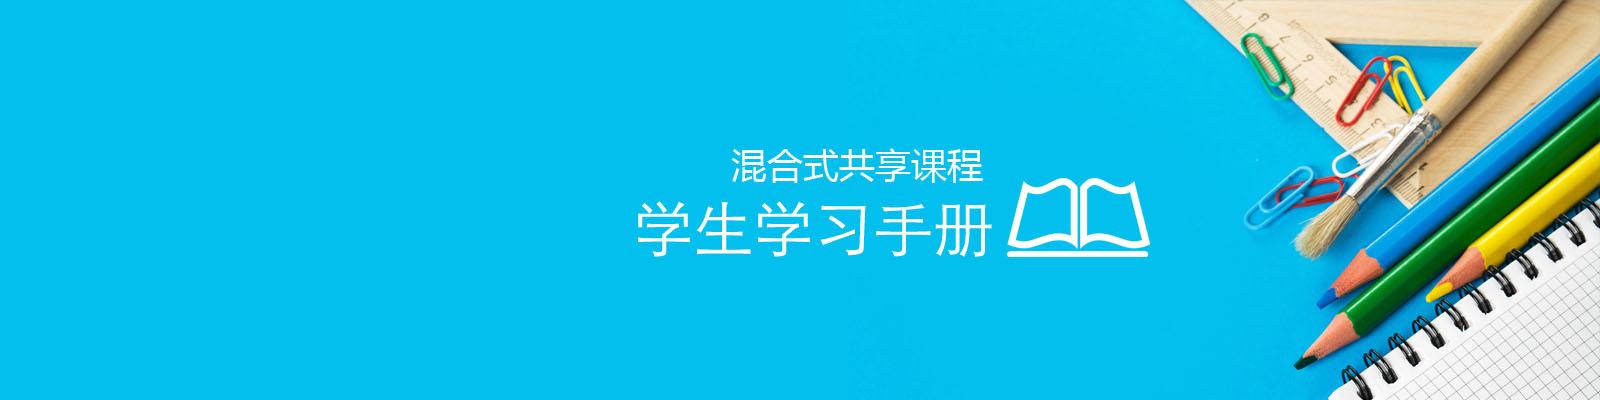 智慧树在线教育_全球最大的学分课程服务平台